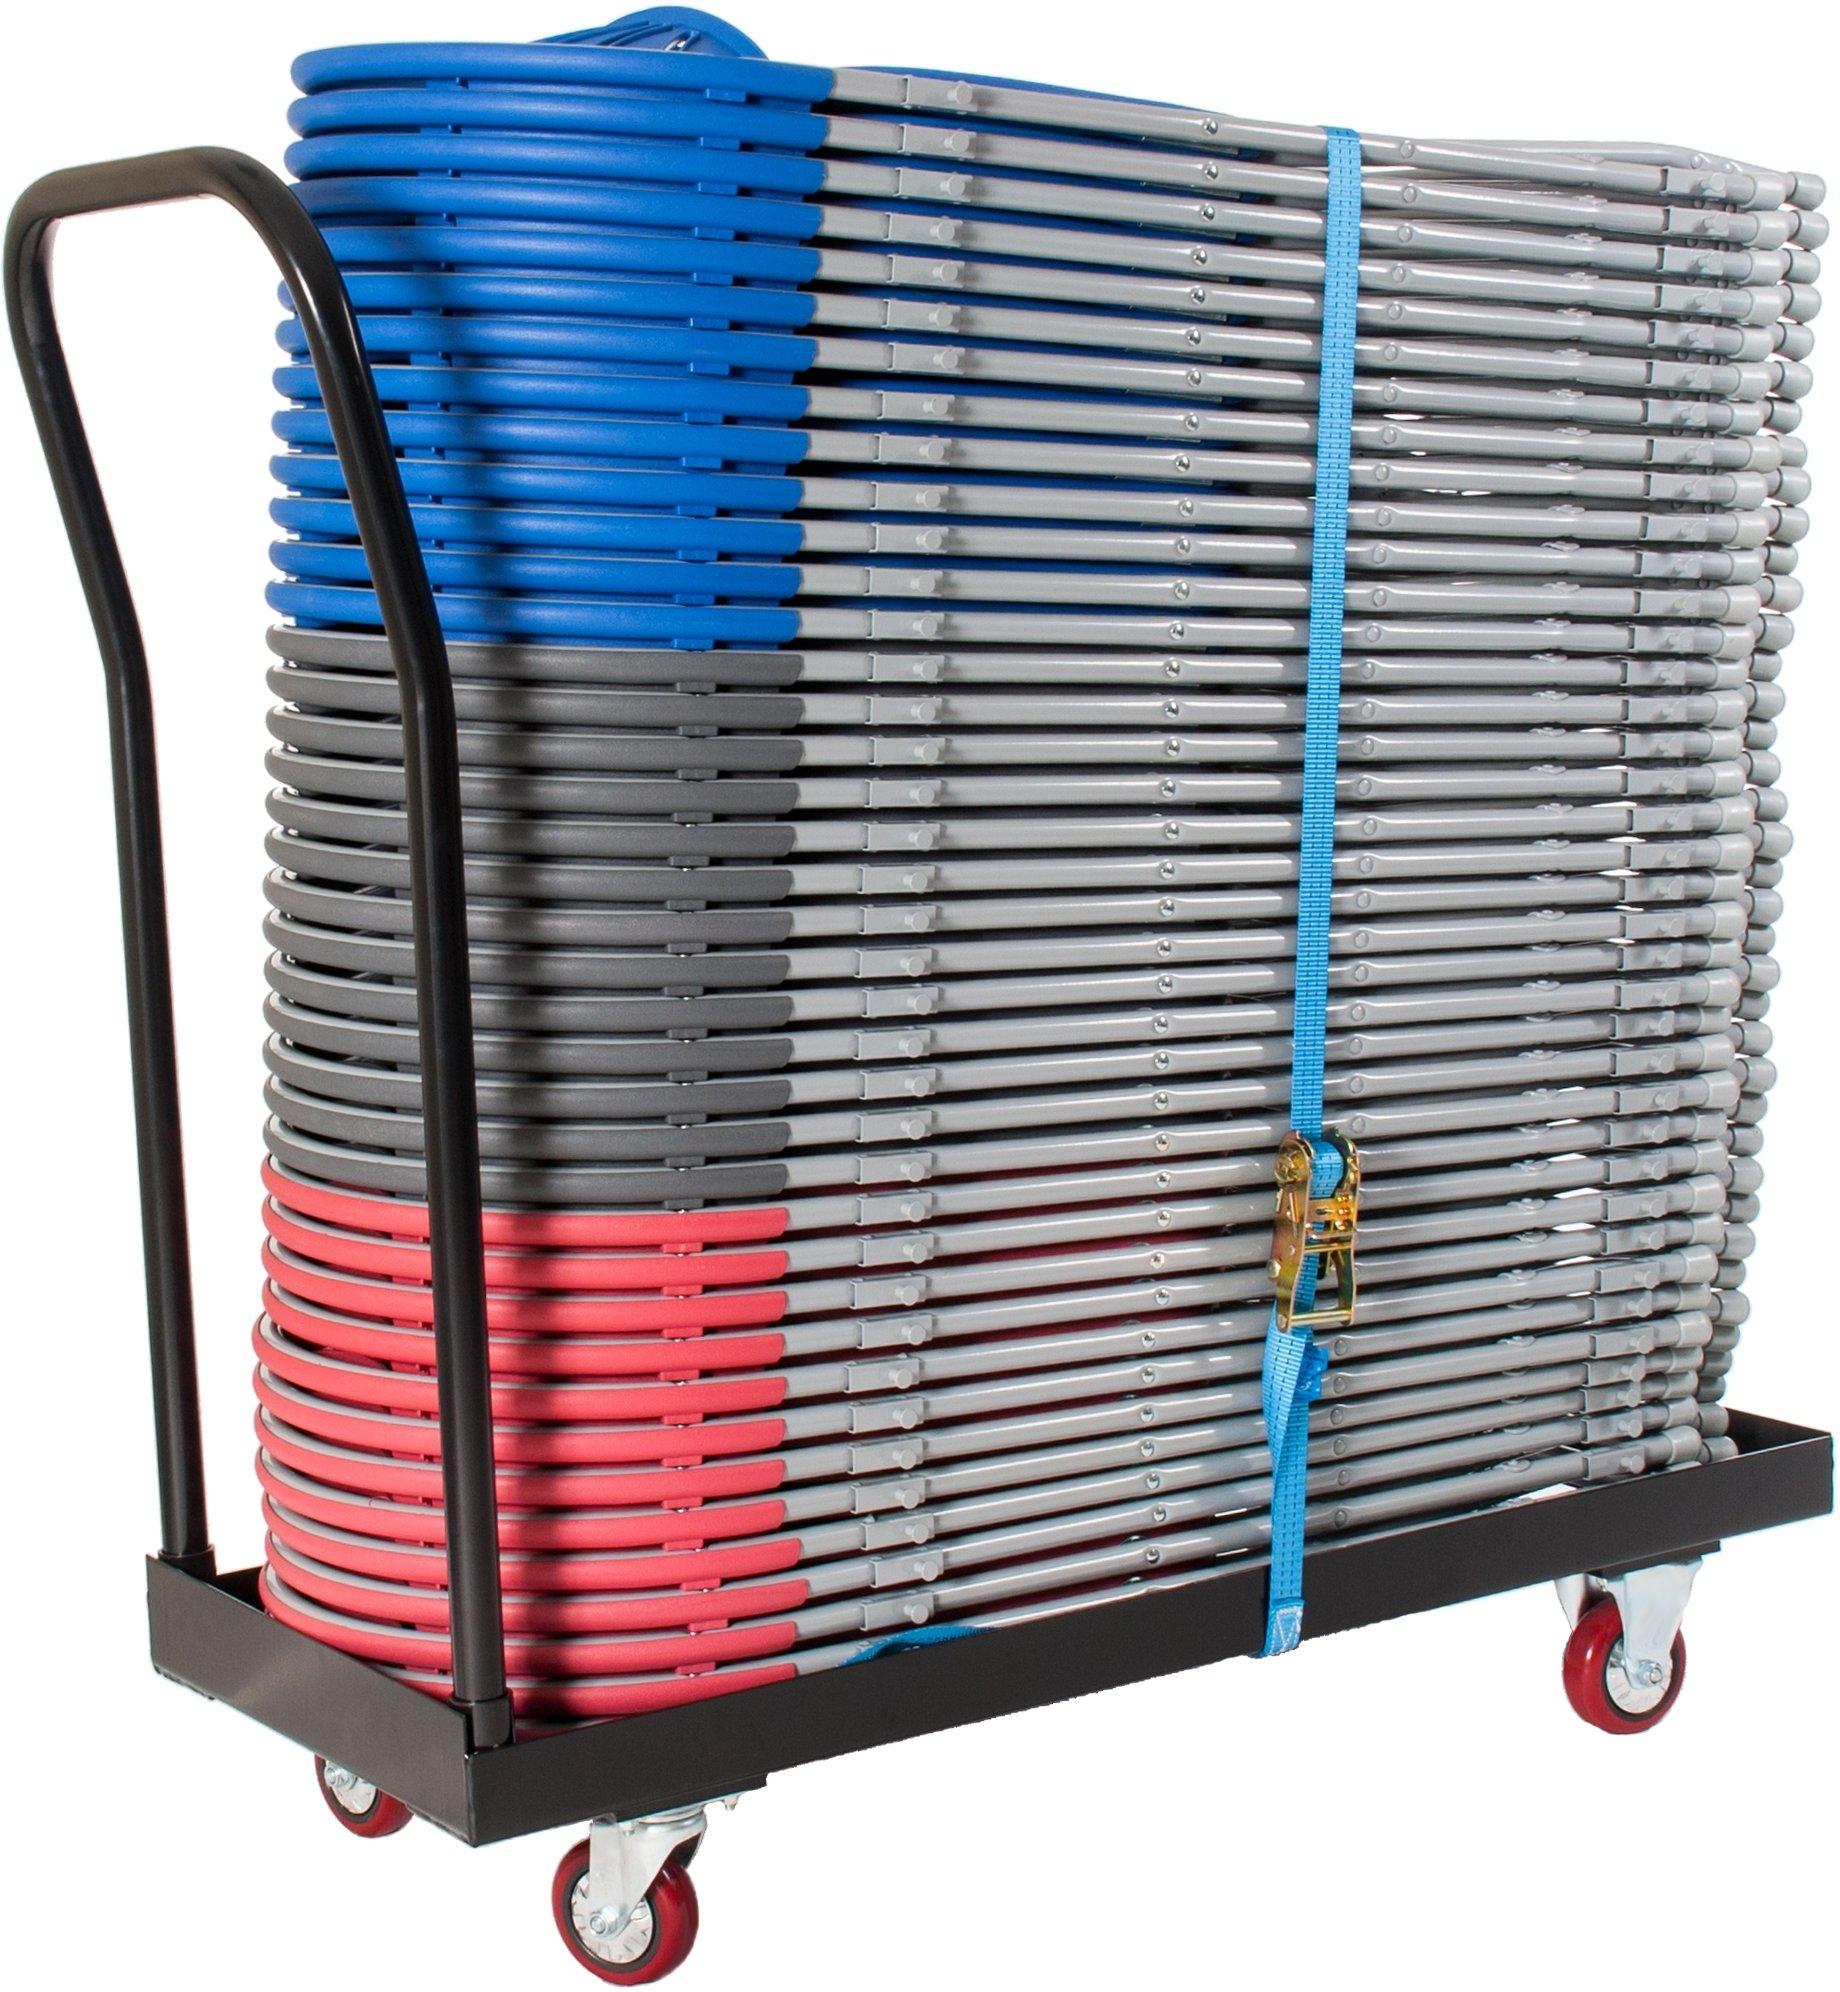 Zlite 40 Fan Back Folding Chair And Trolley Bundle